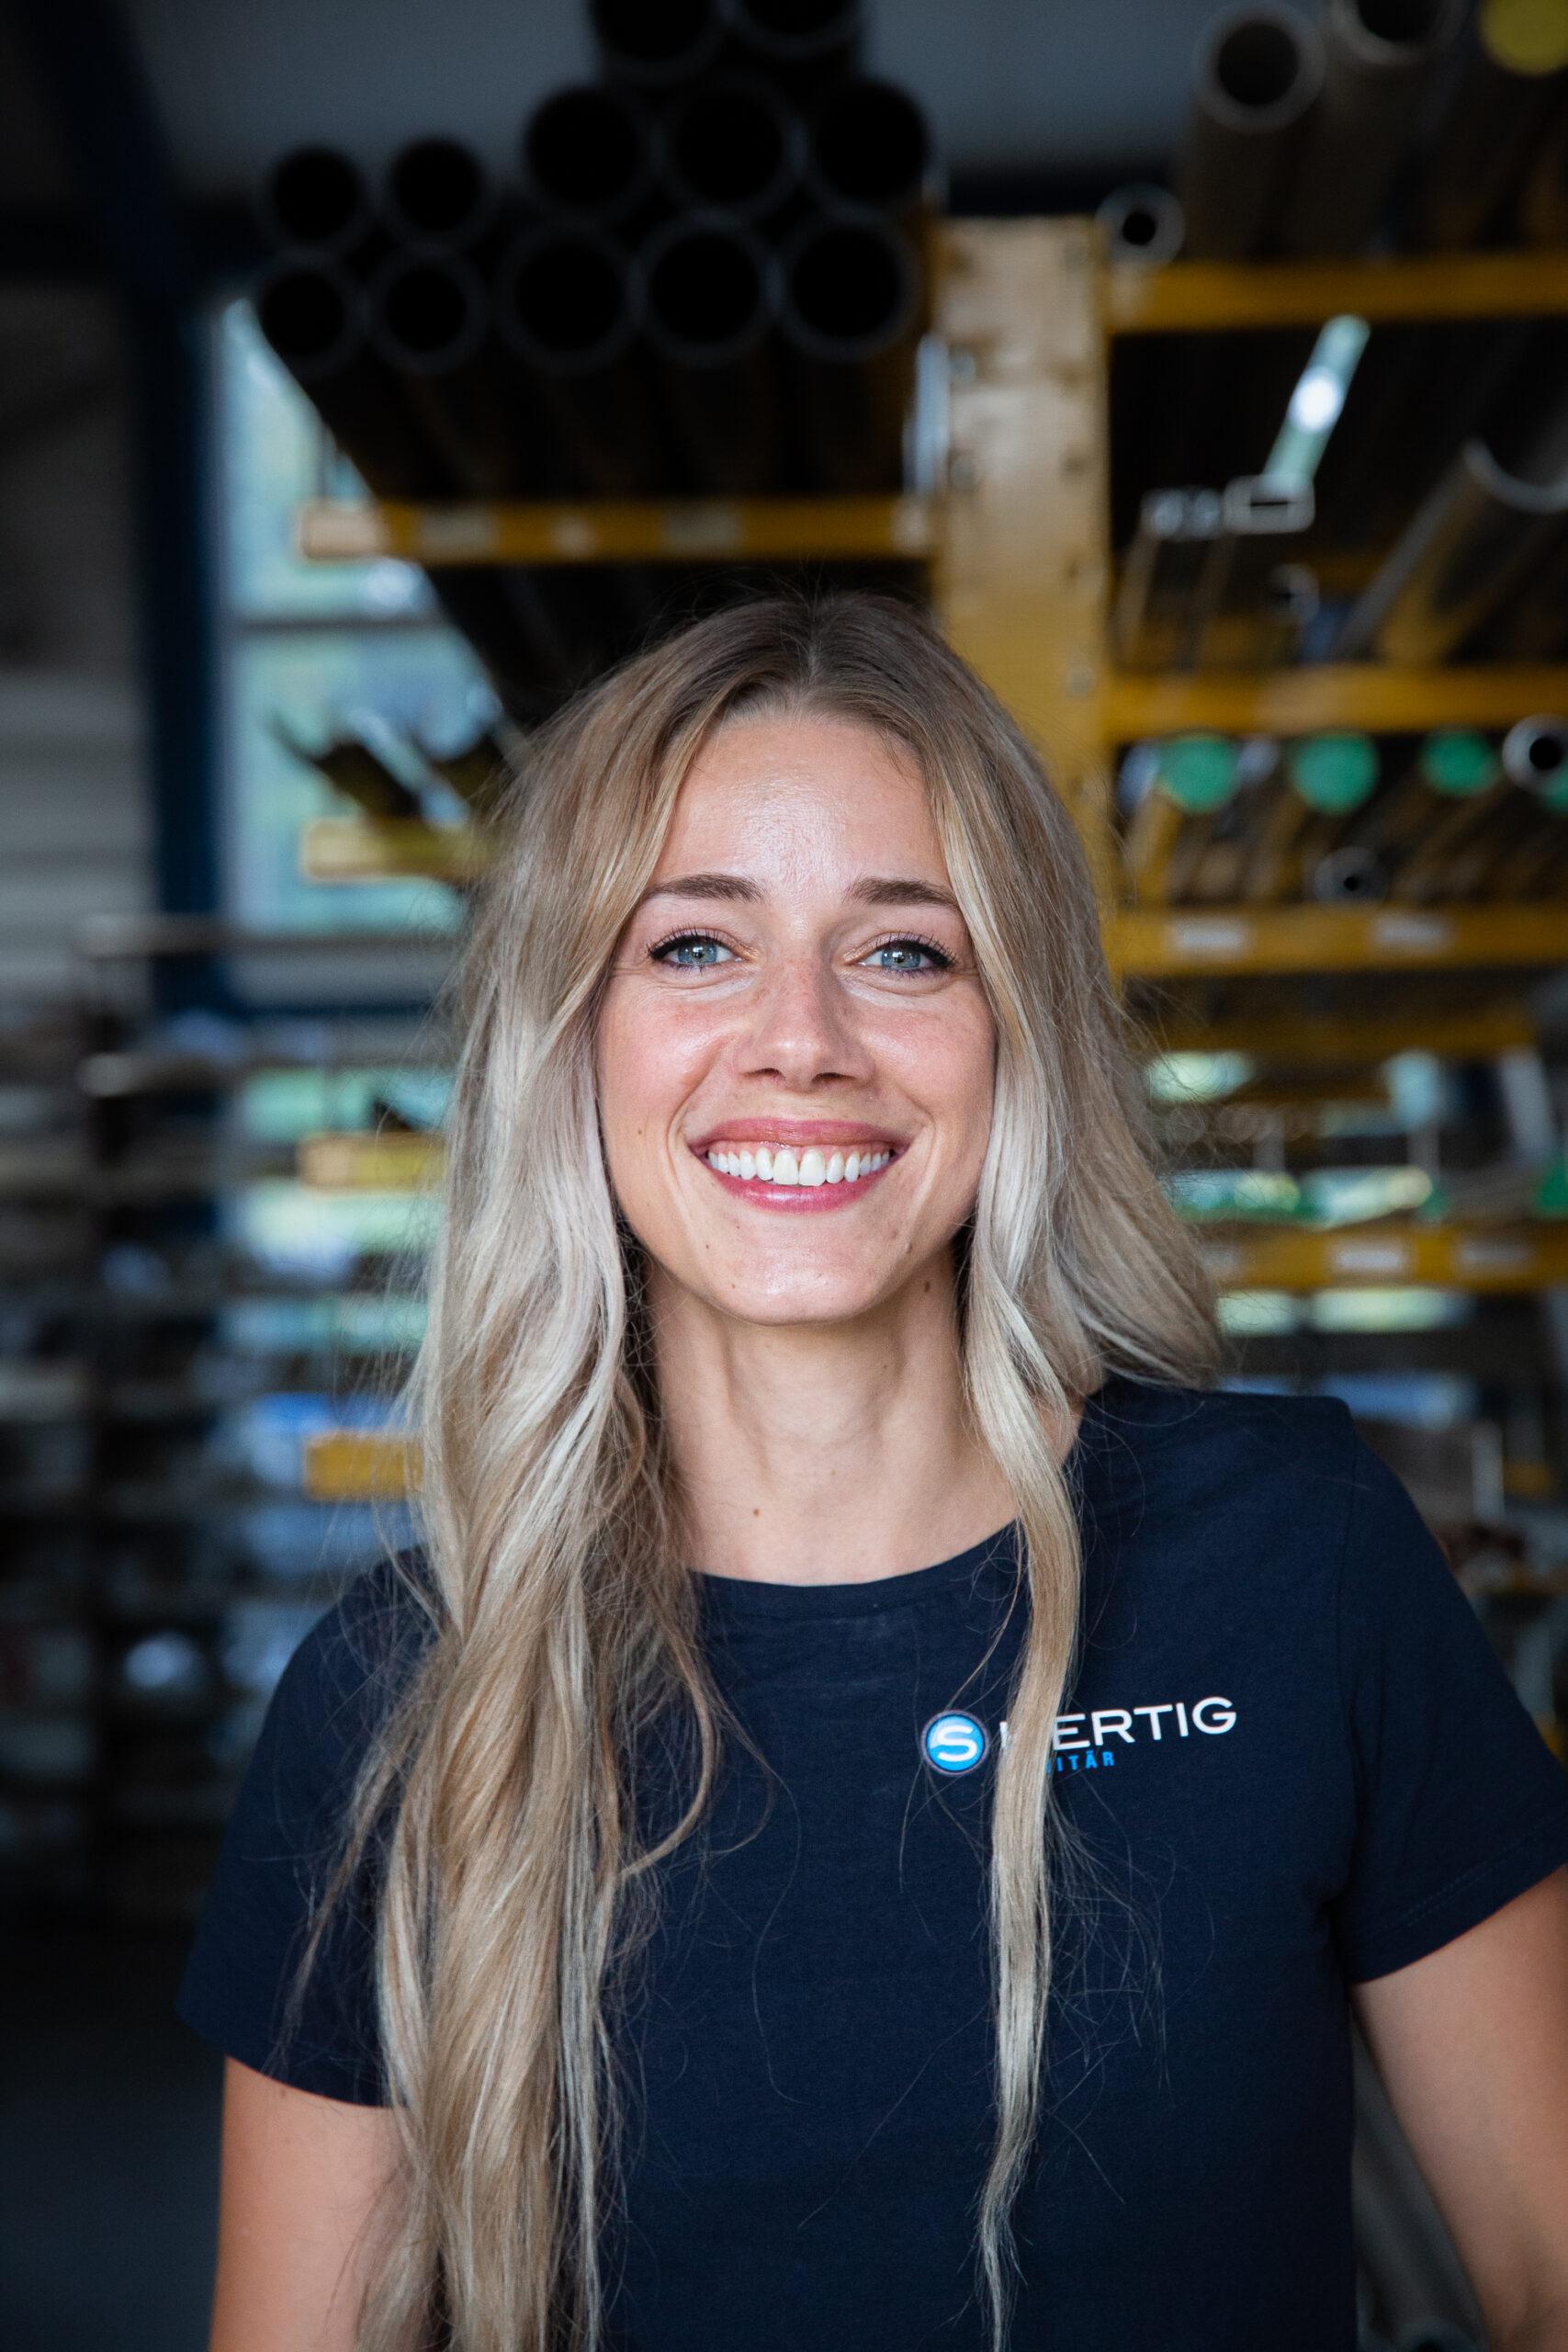 Johanna Hertig